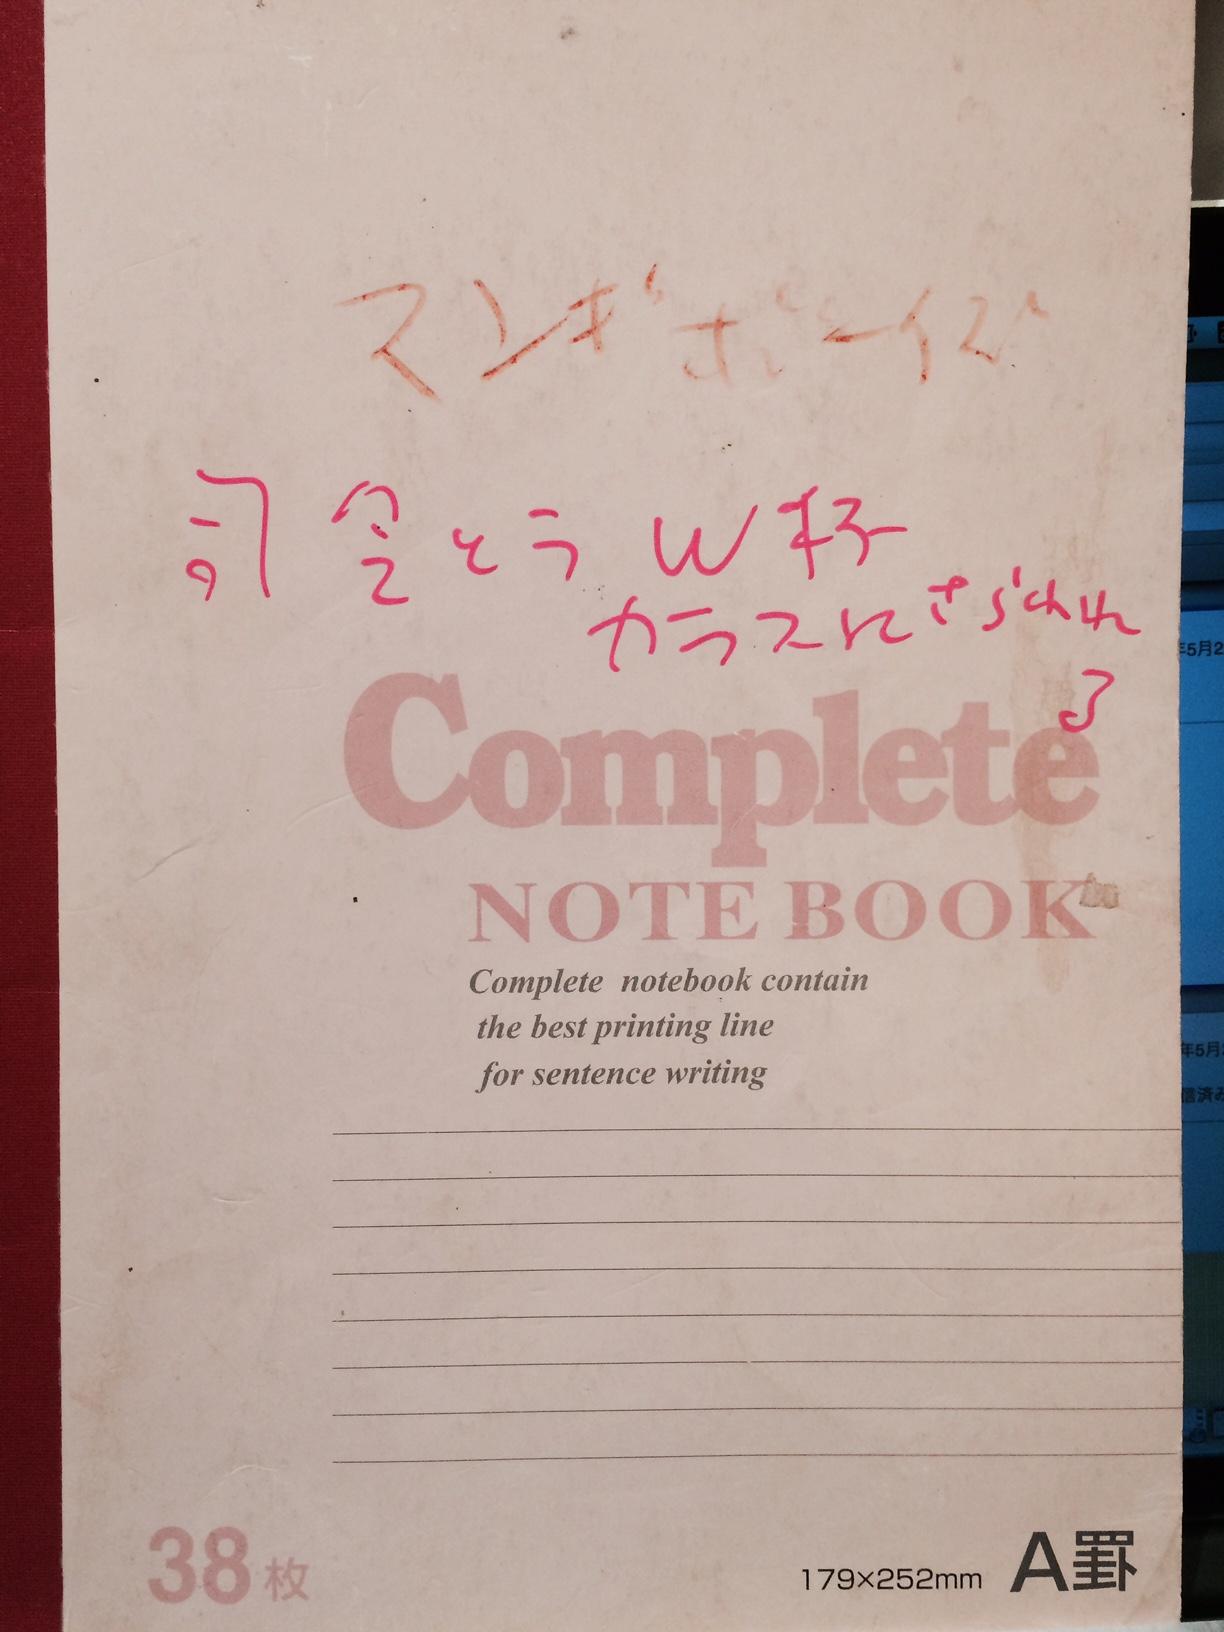 『ロビン西の描き捨てノートマンガ2004ー2014』第9回